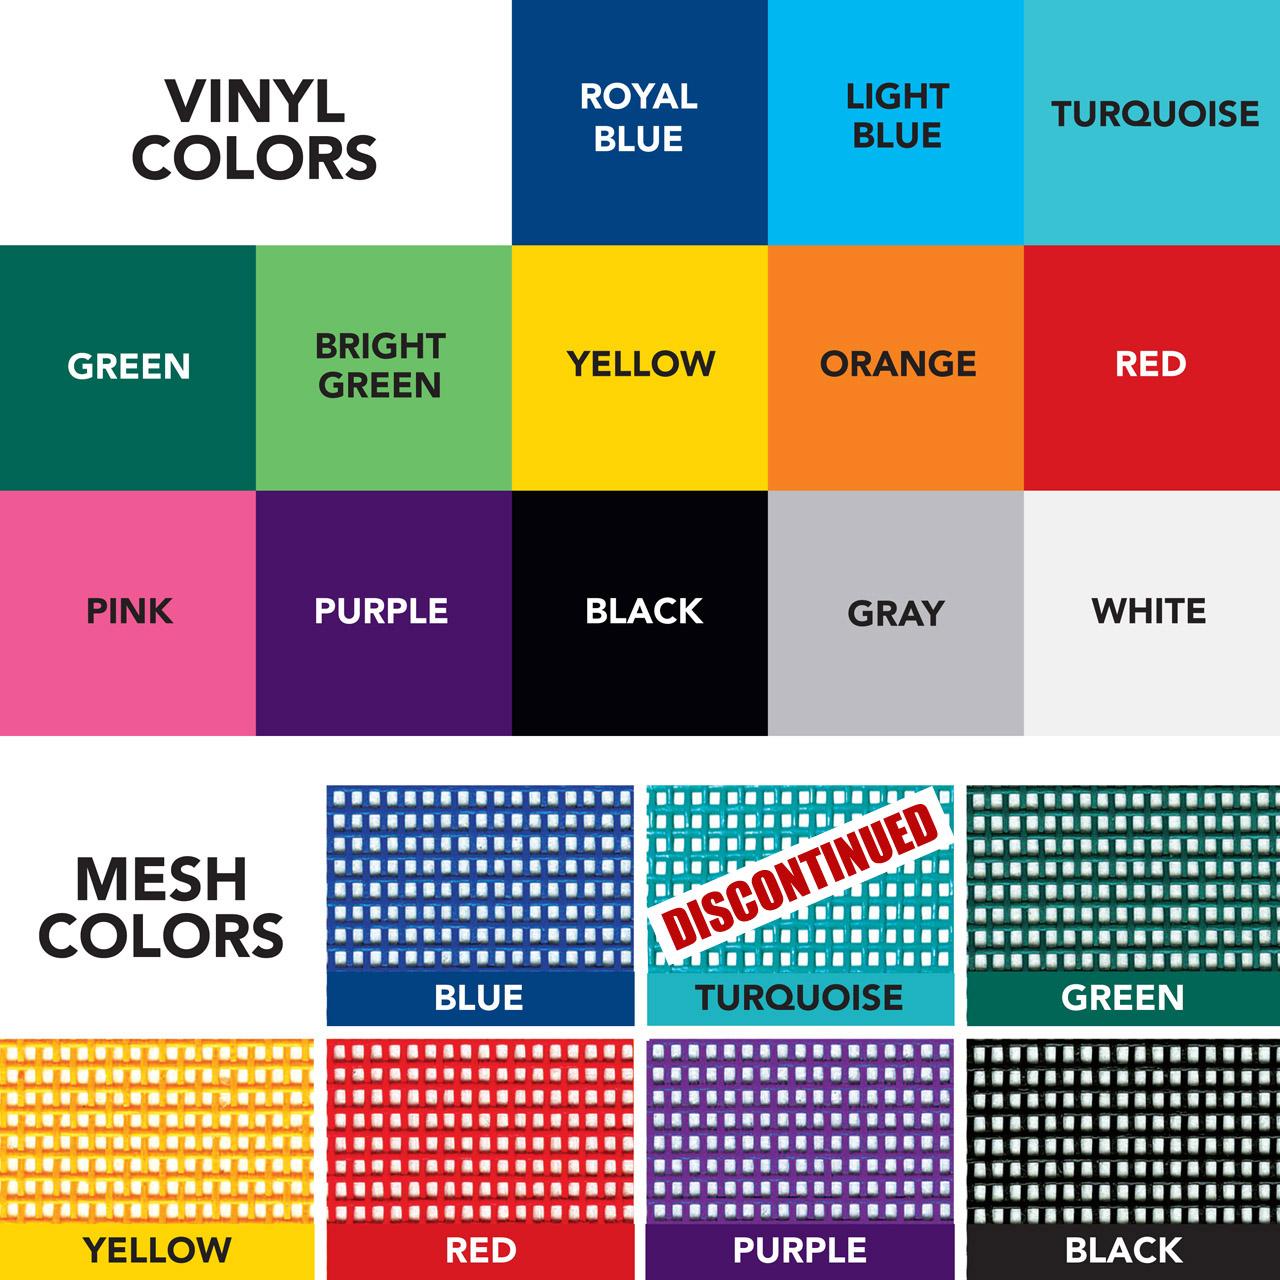 colorswatch111919.jpg